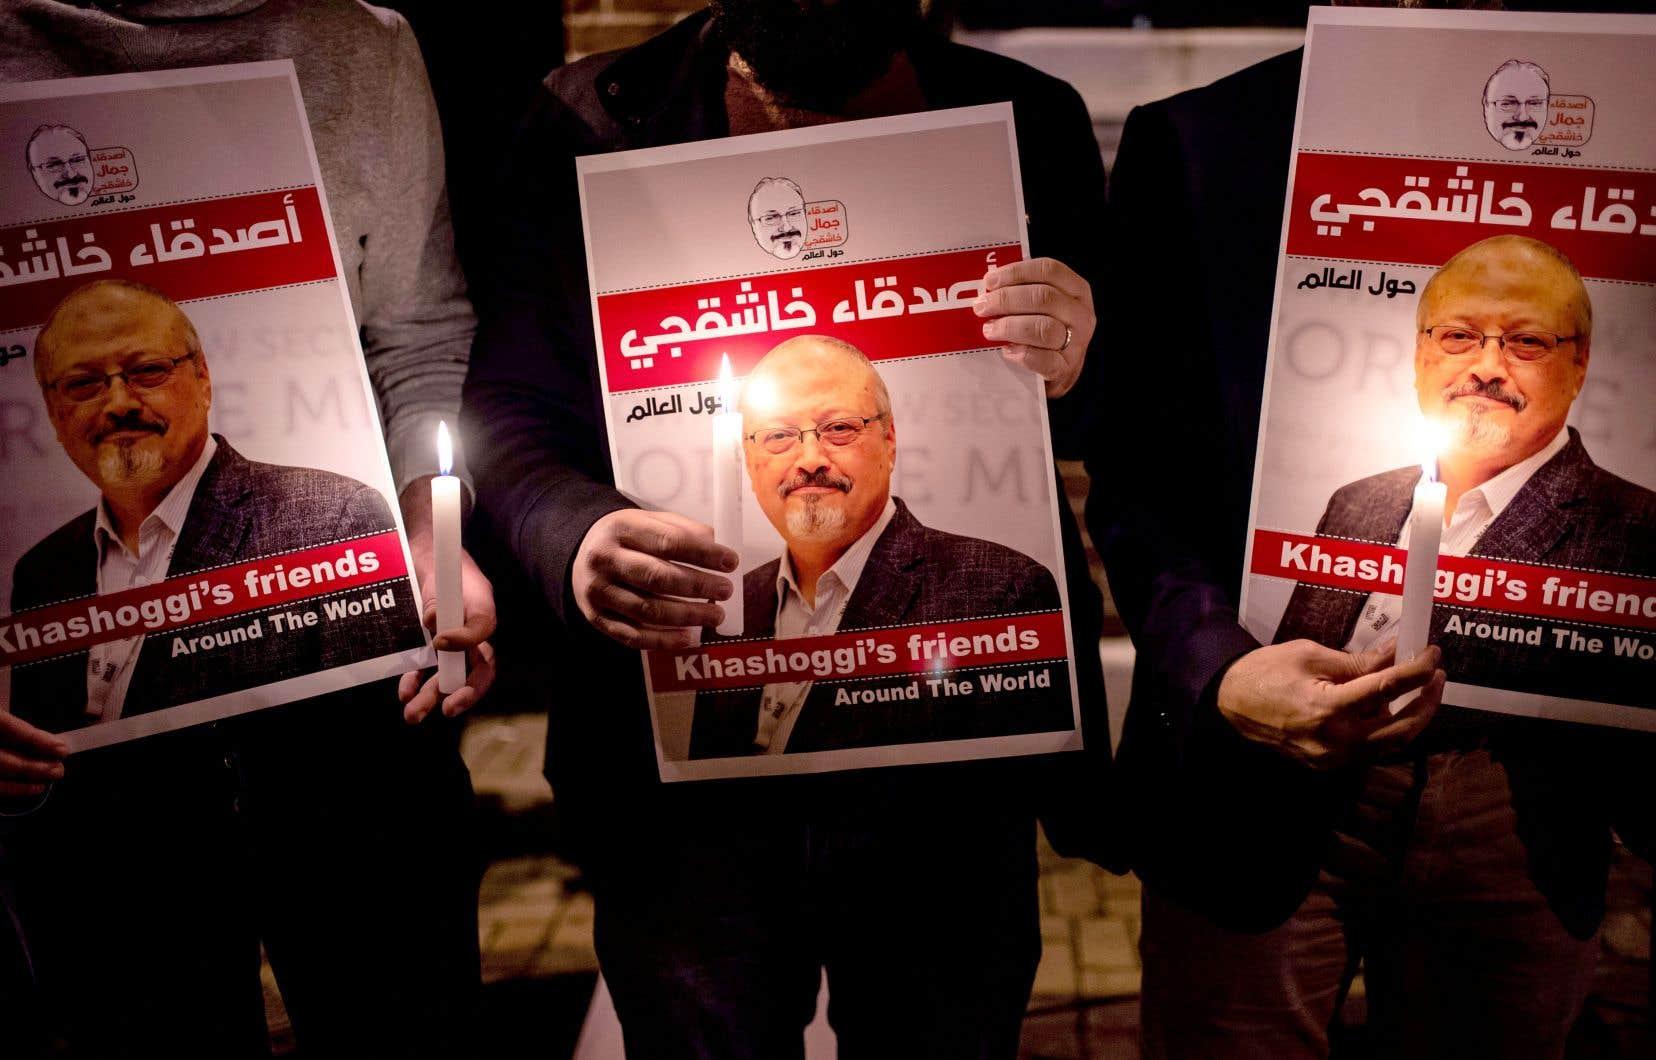 Veillée à la mémoire de Jamal Khashoggi à l'extérieur du consulat de l'Arabie saoudite à Istanbul le 25 octobre dernier